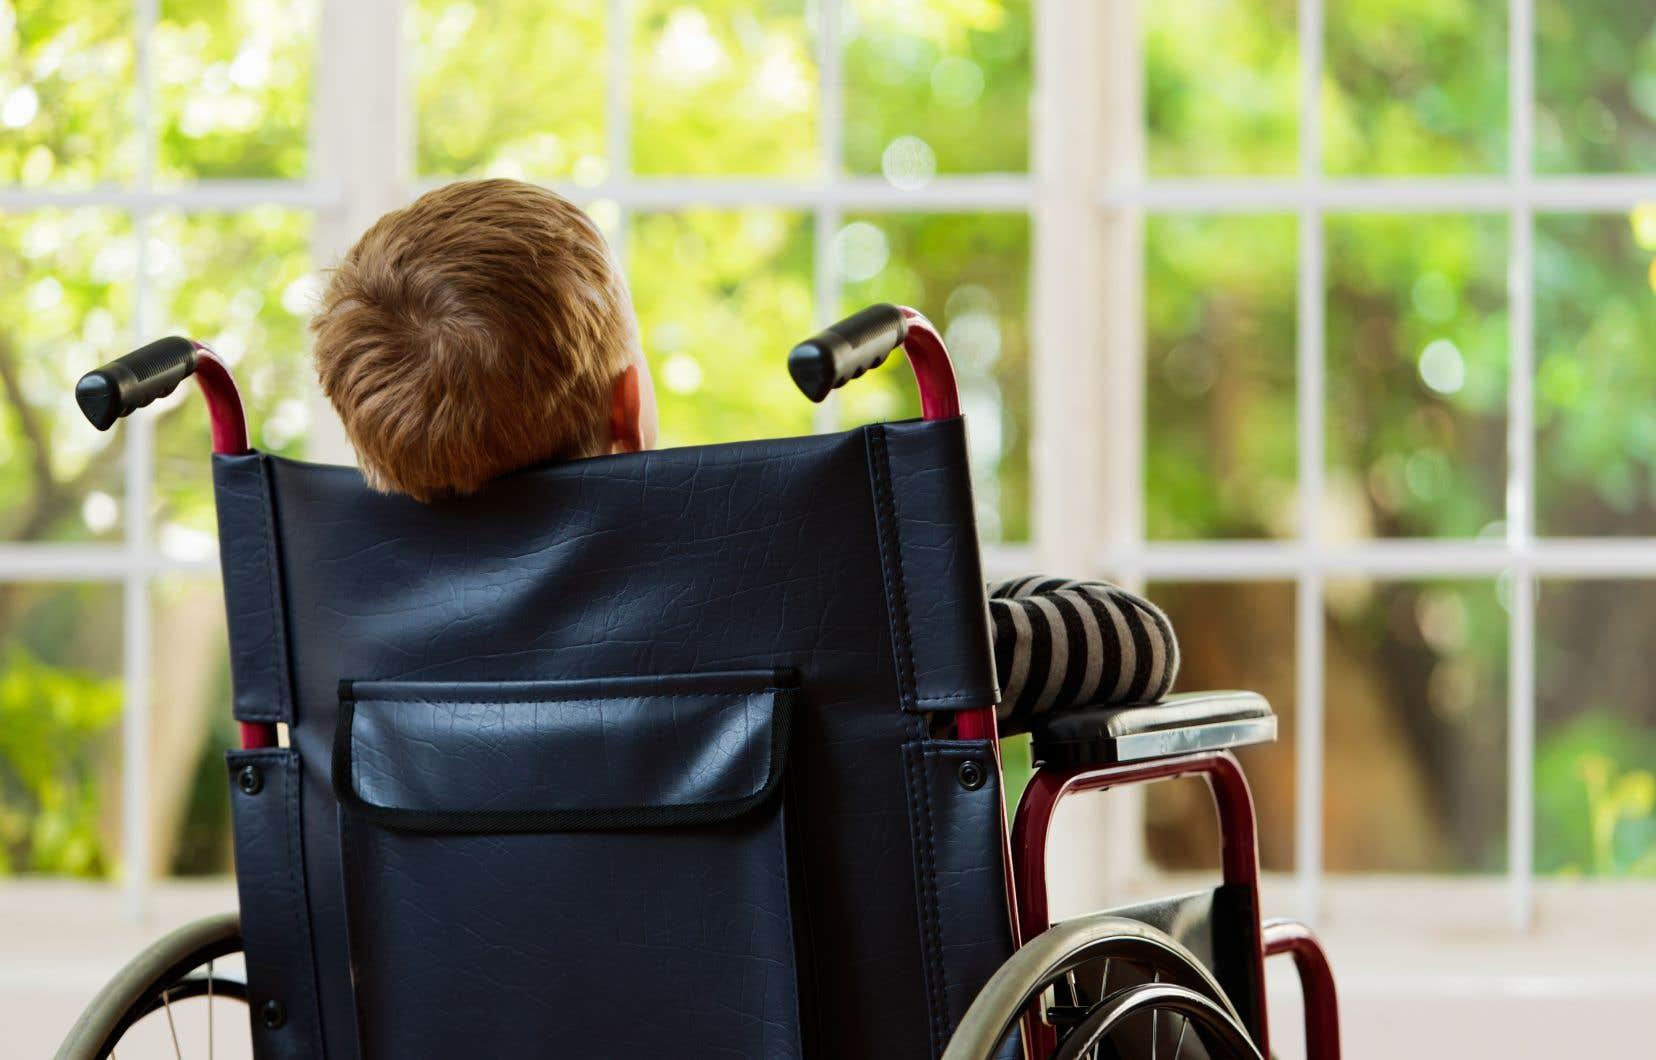 Les demandes relatives à un handicap, comme l'intégration d'enfants handicapés en camps de jour ou l'inclusion en milieu scolaire sont les plus fréquentes.